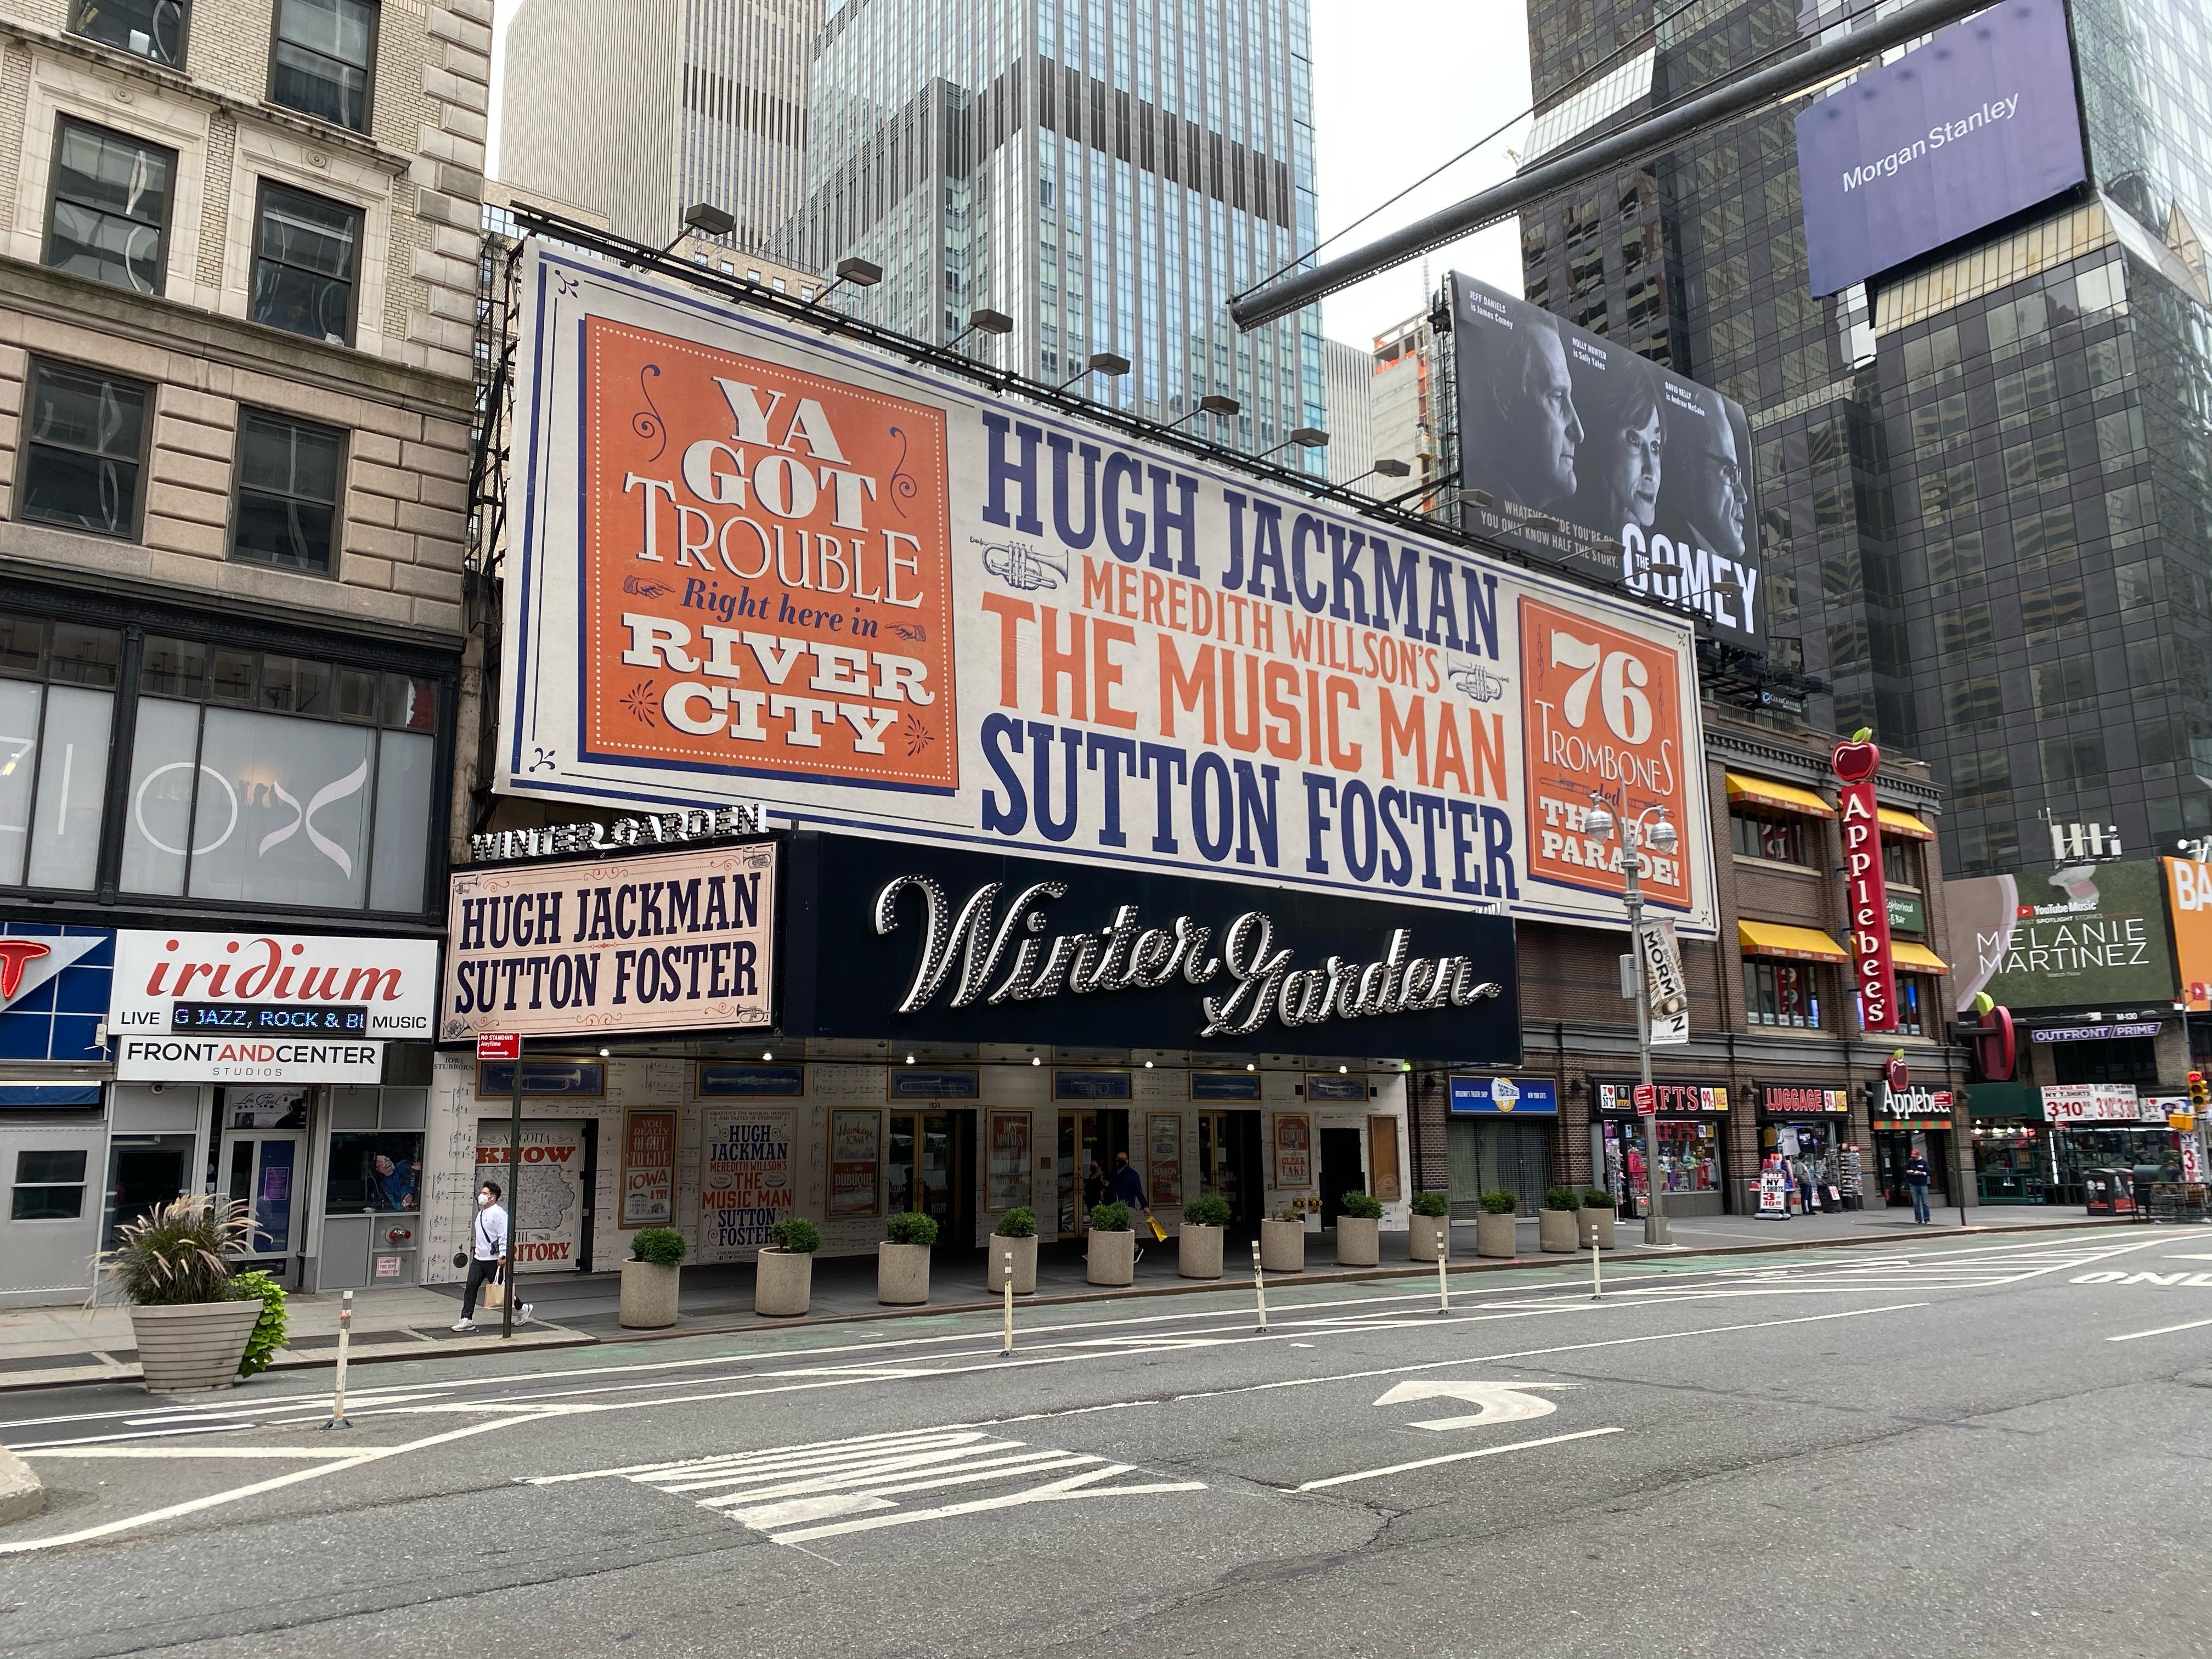 Winter Garden Theatre (Broadway) - Theater Information Marquee